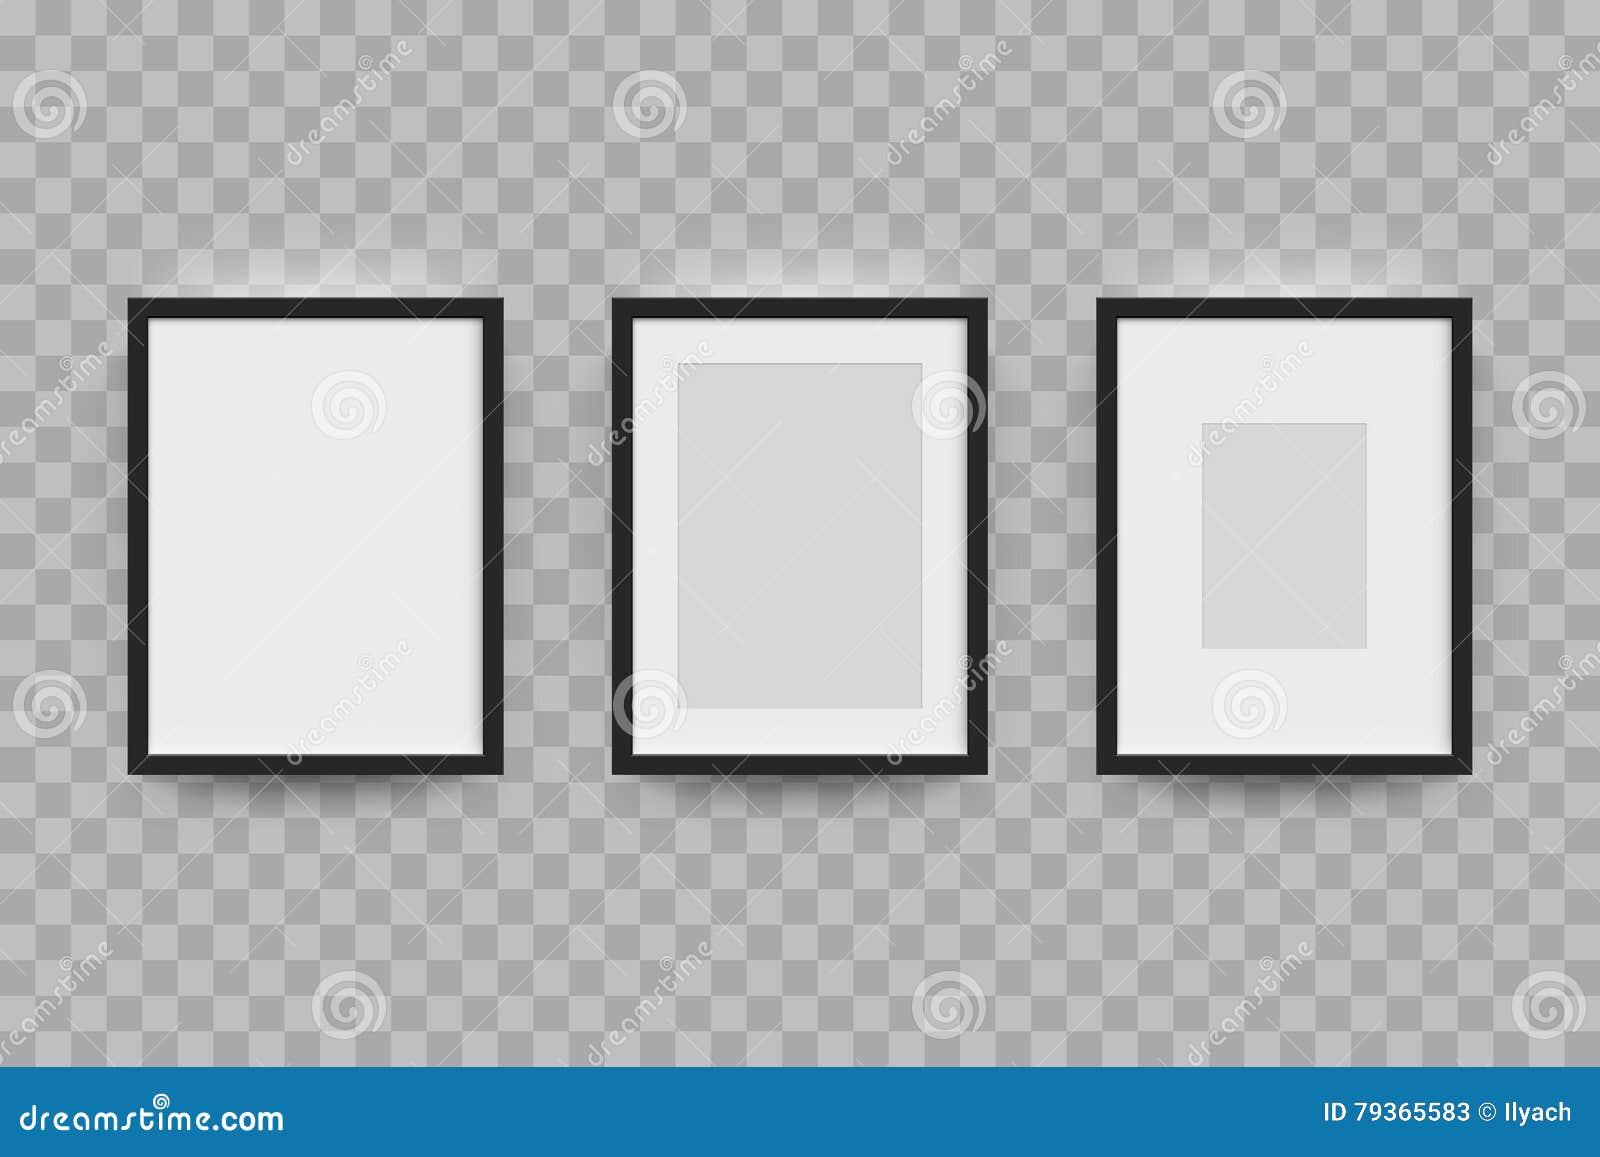 Marco Para Las Fotografías Aisladas Ilustración del Vector ...